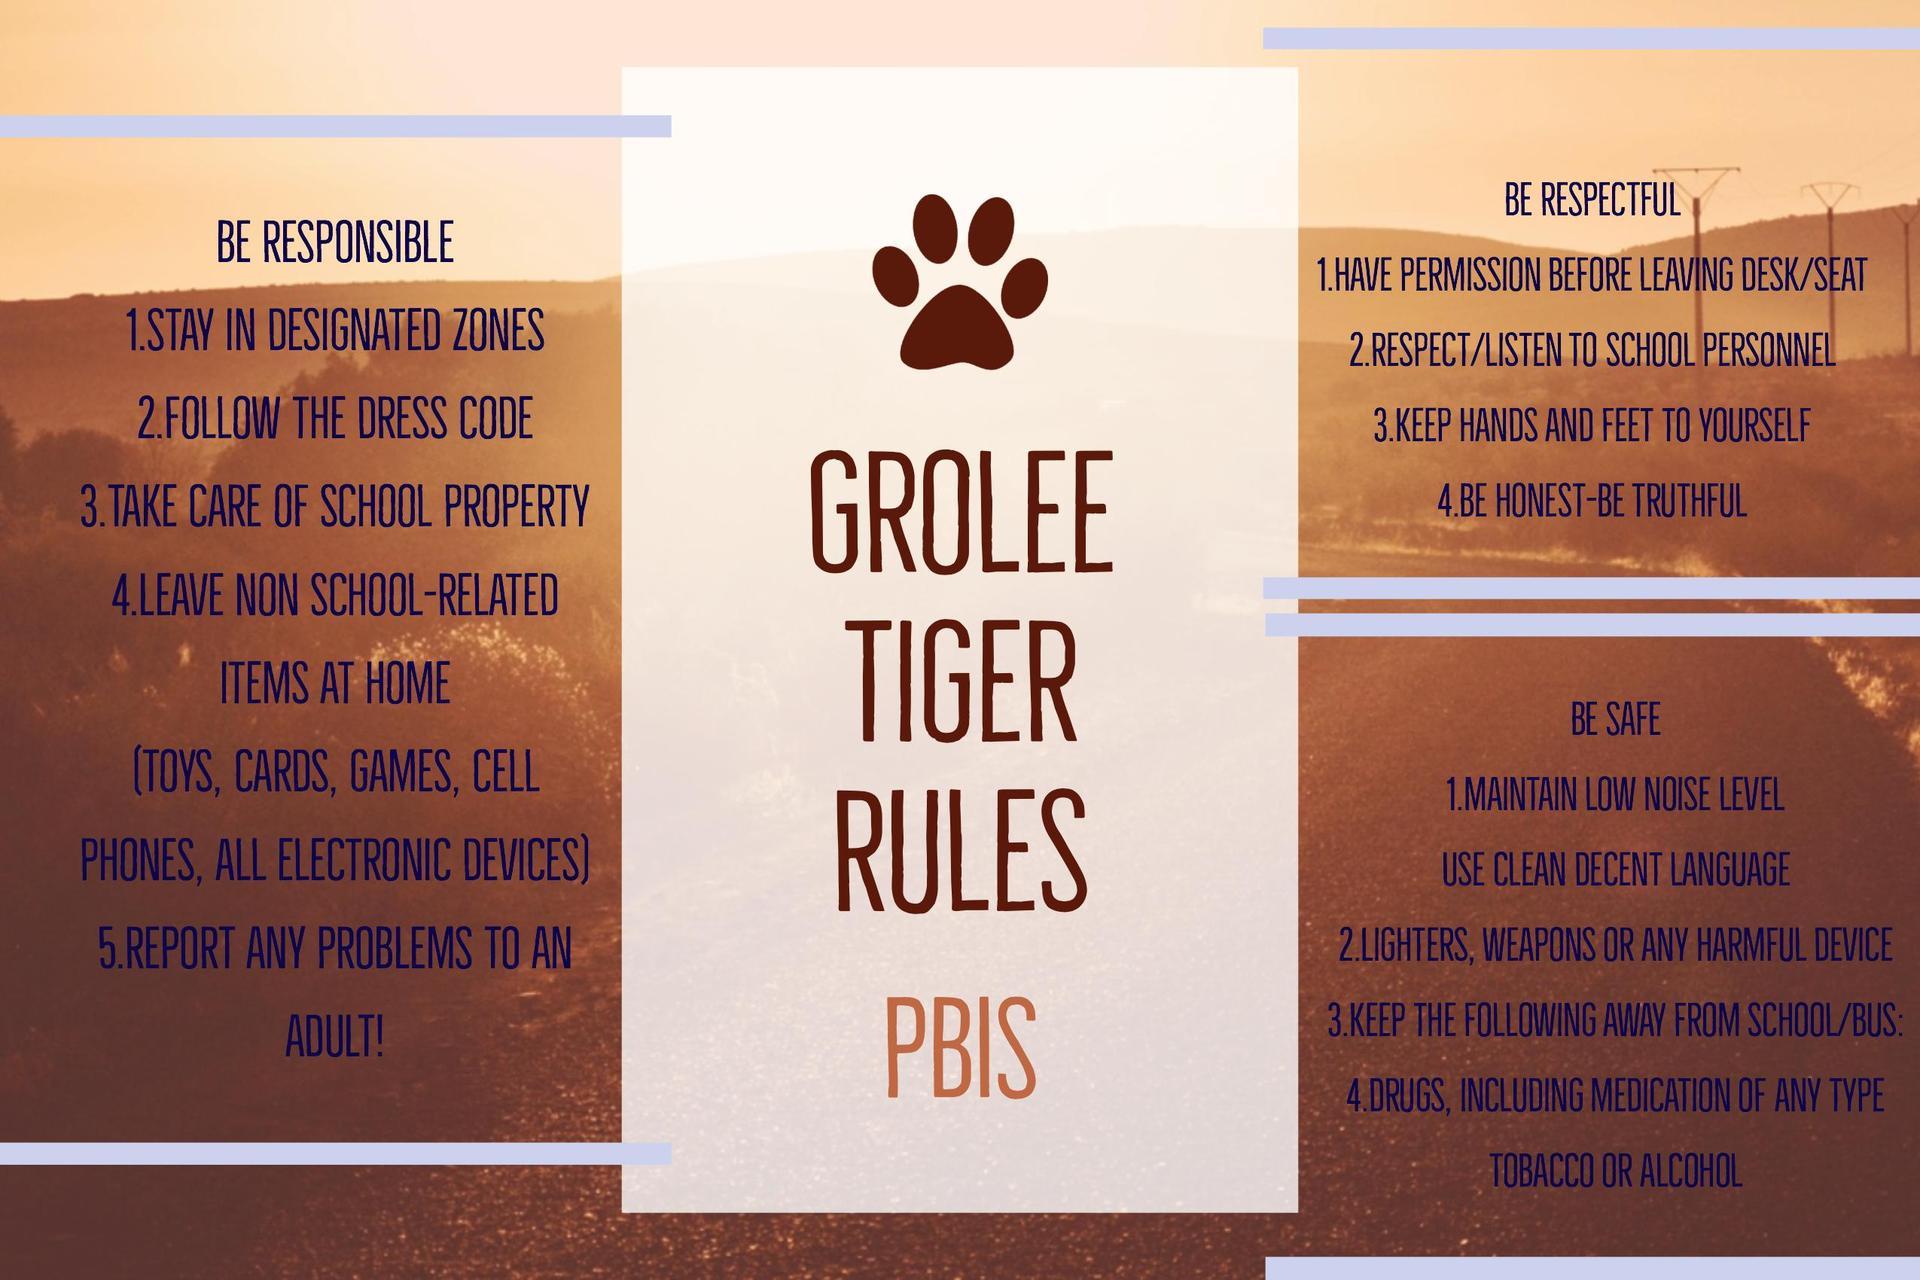 Rules PBIS